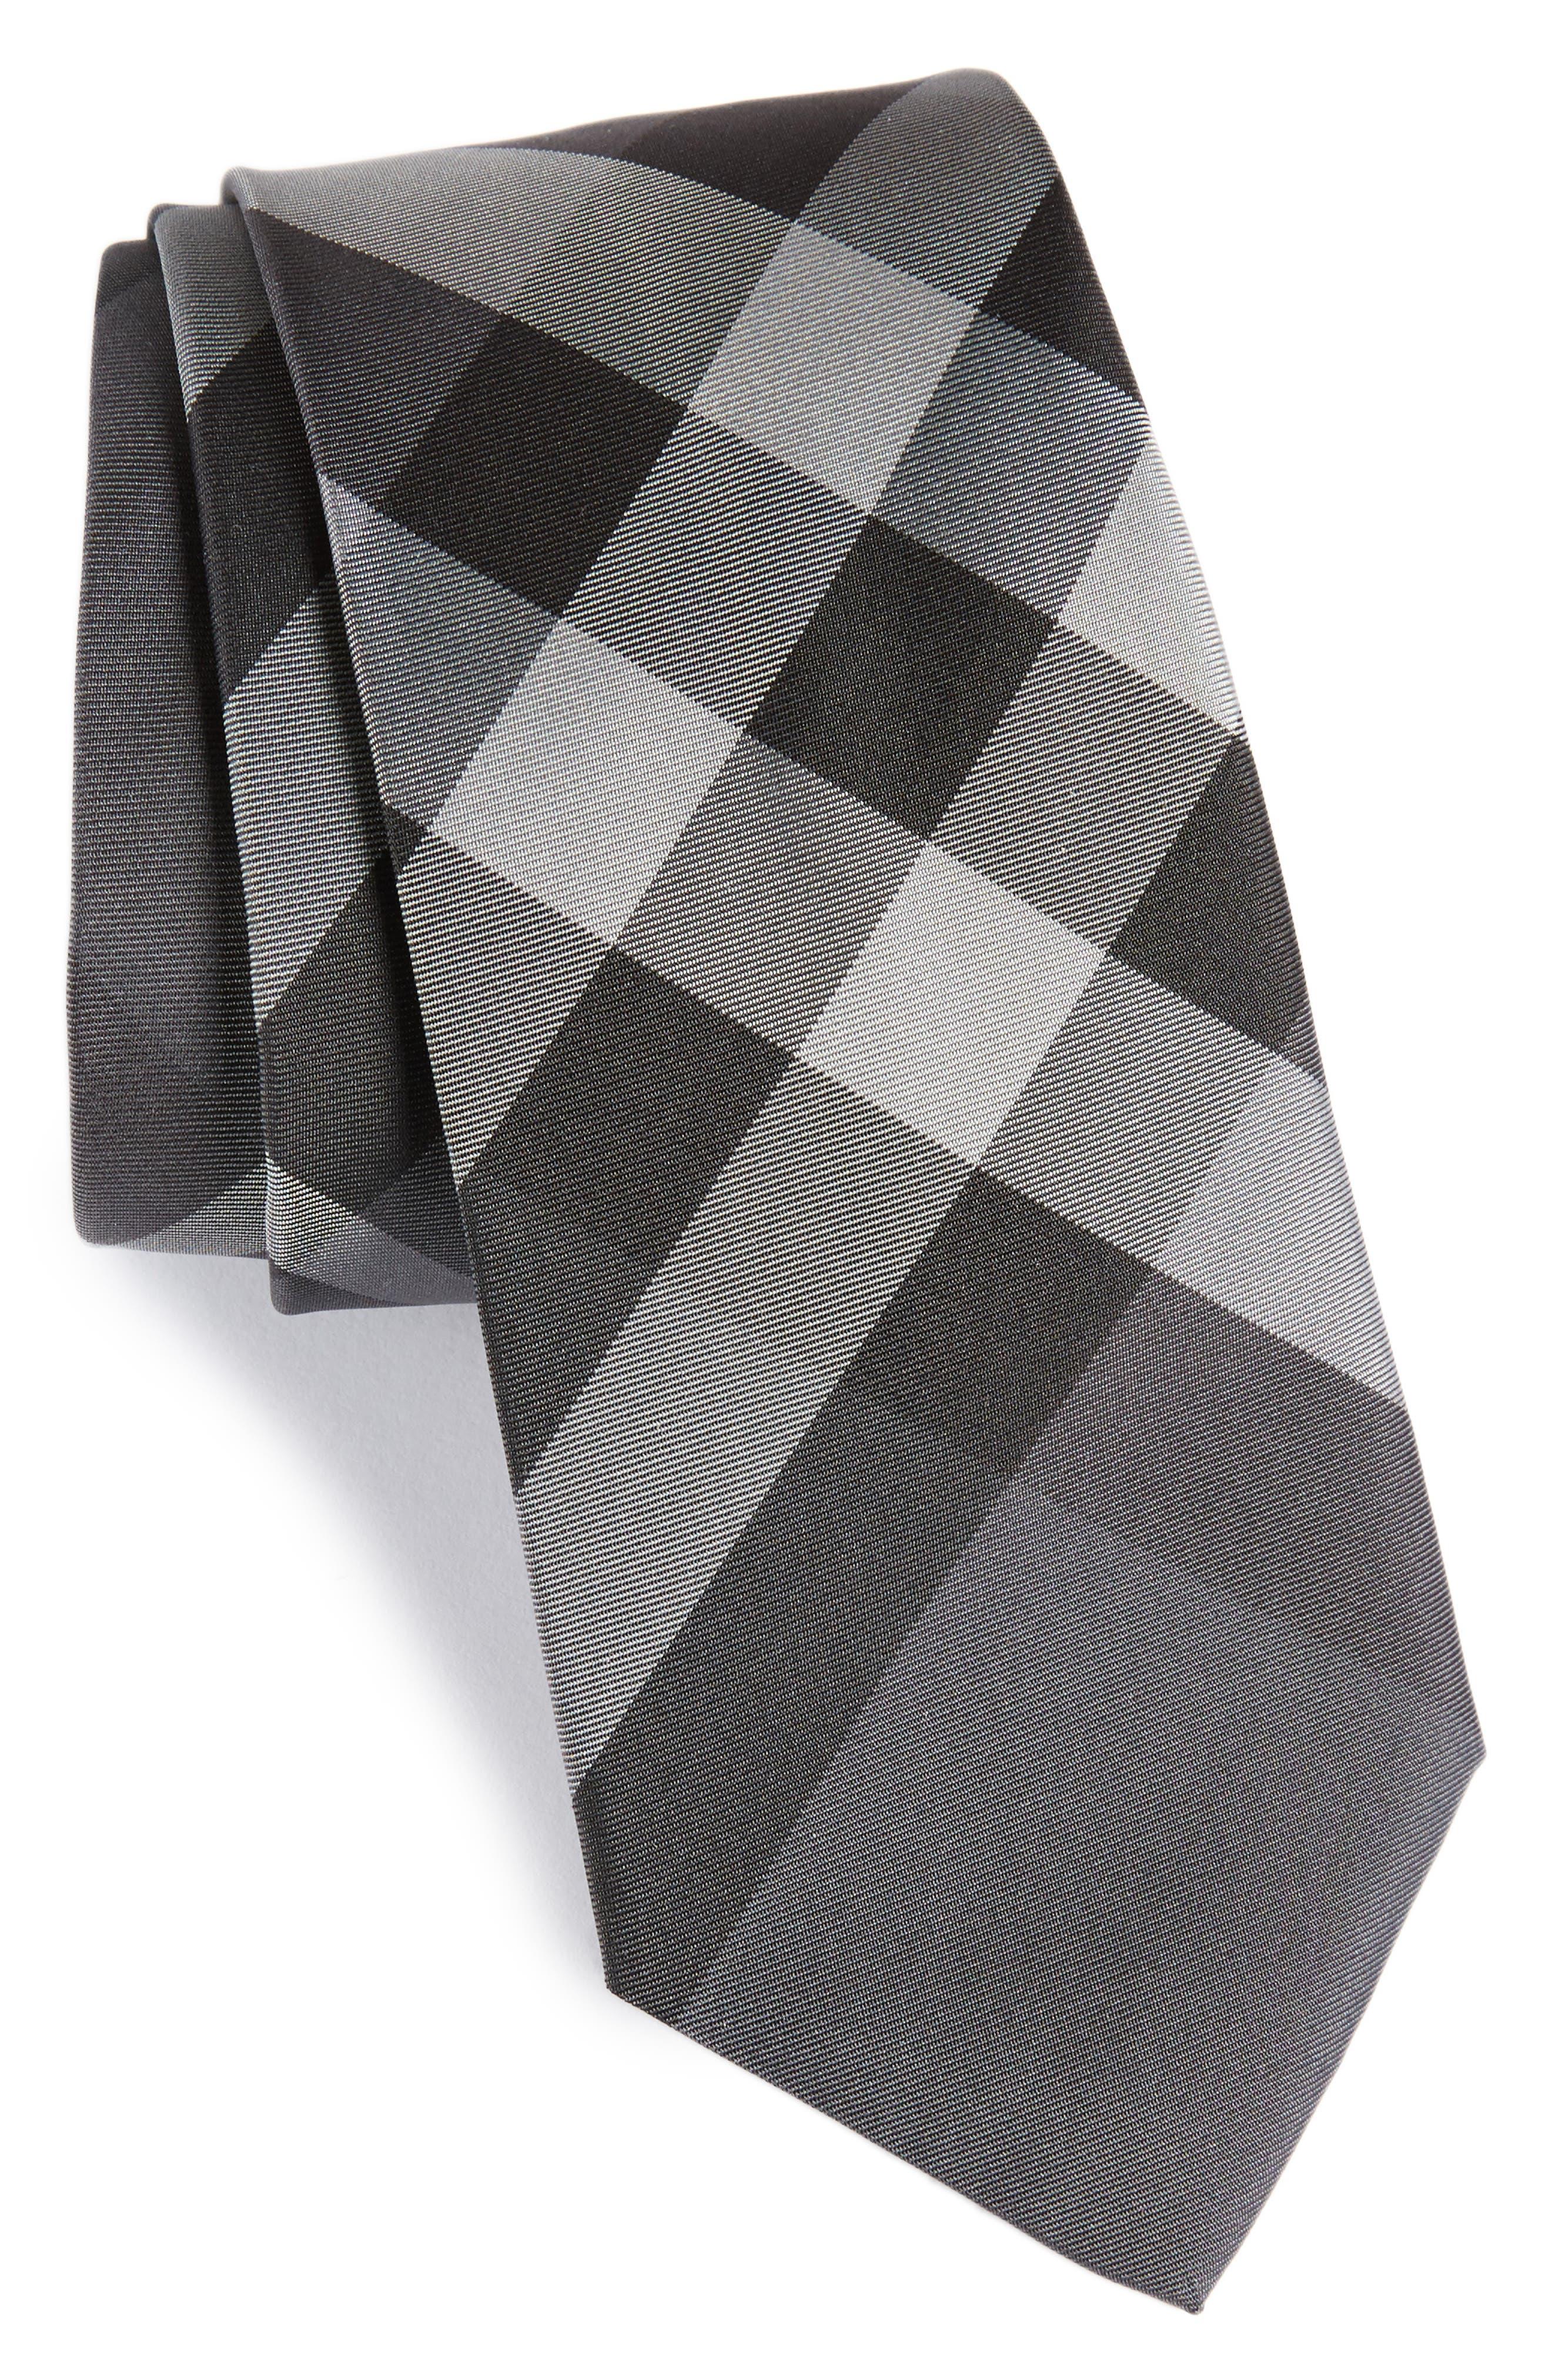 Main Image - Burberry Manston Check Silk Tie